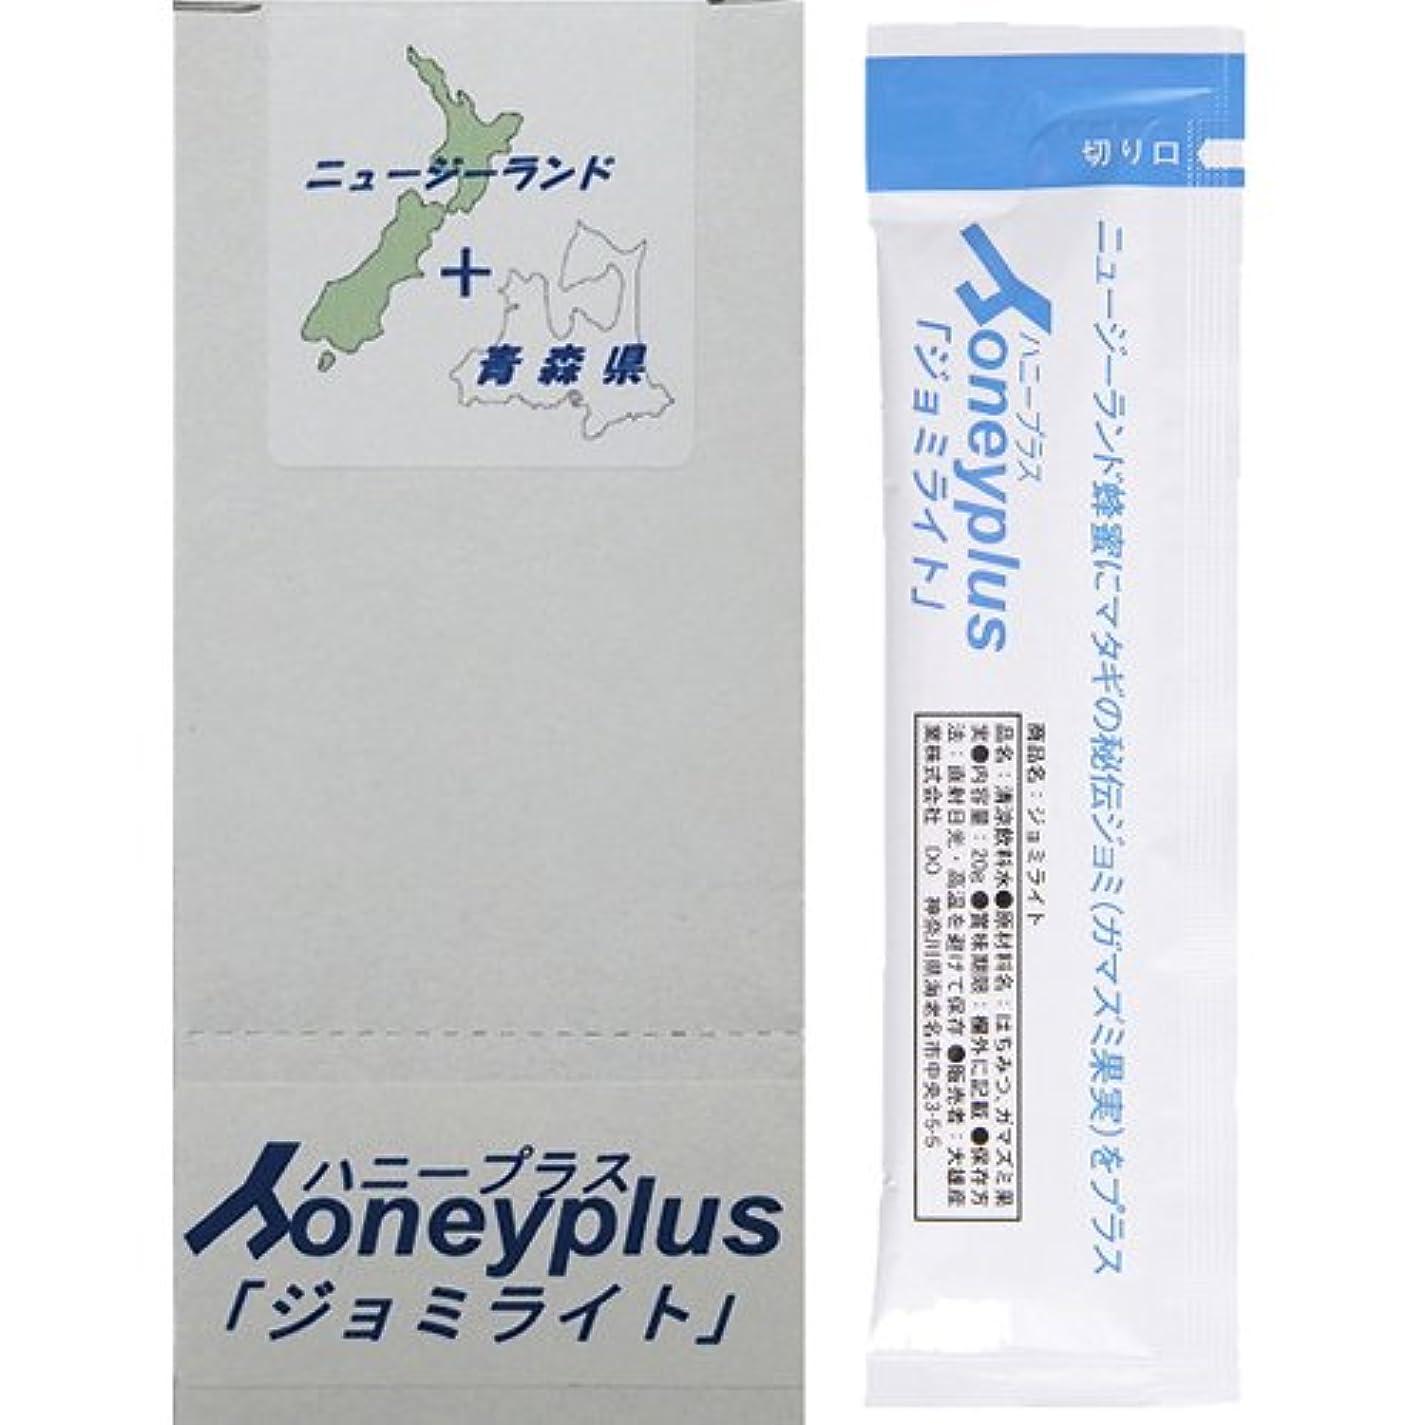 なめるチューブ告白するHoneyplus(ハニープラス) ジョミライト 1箱(30本)